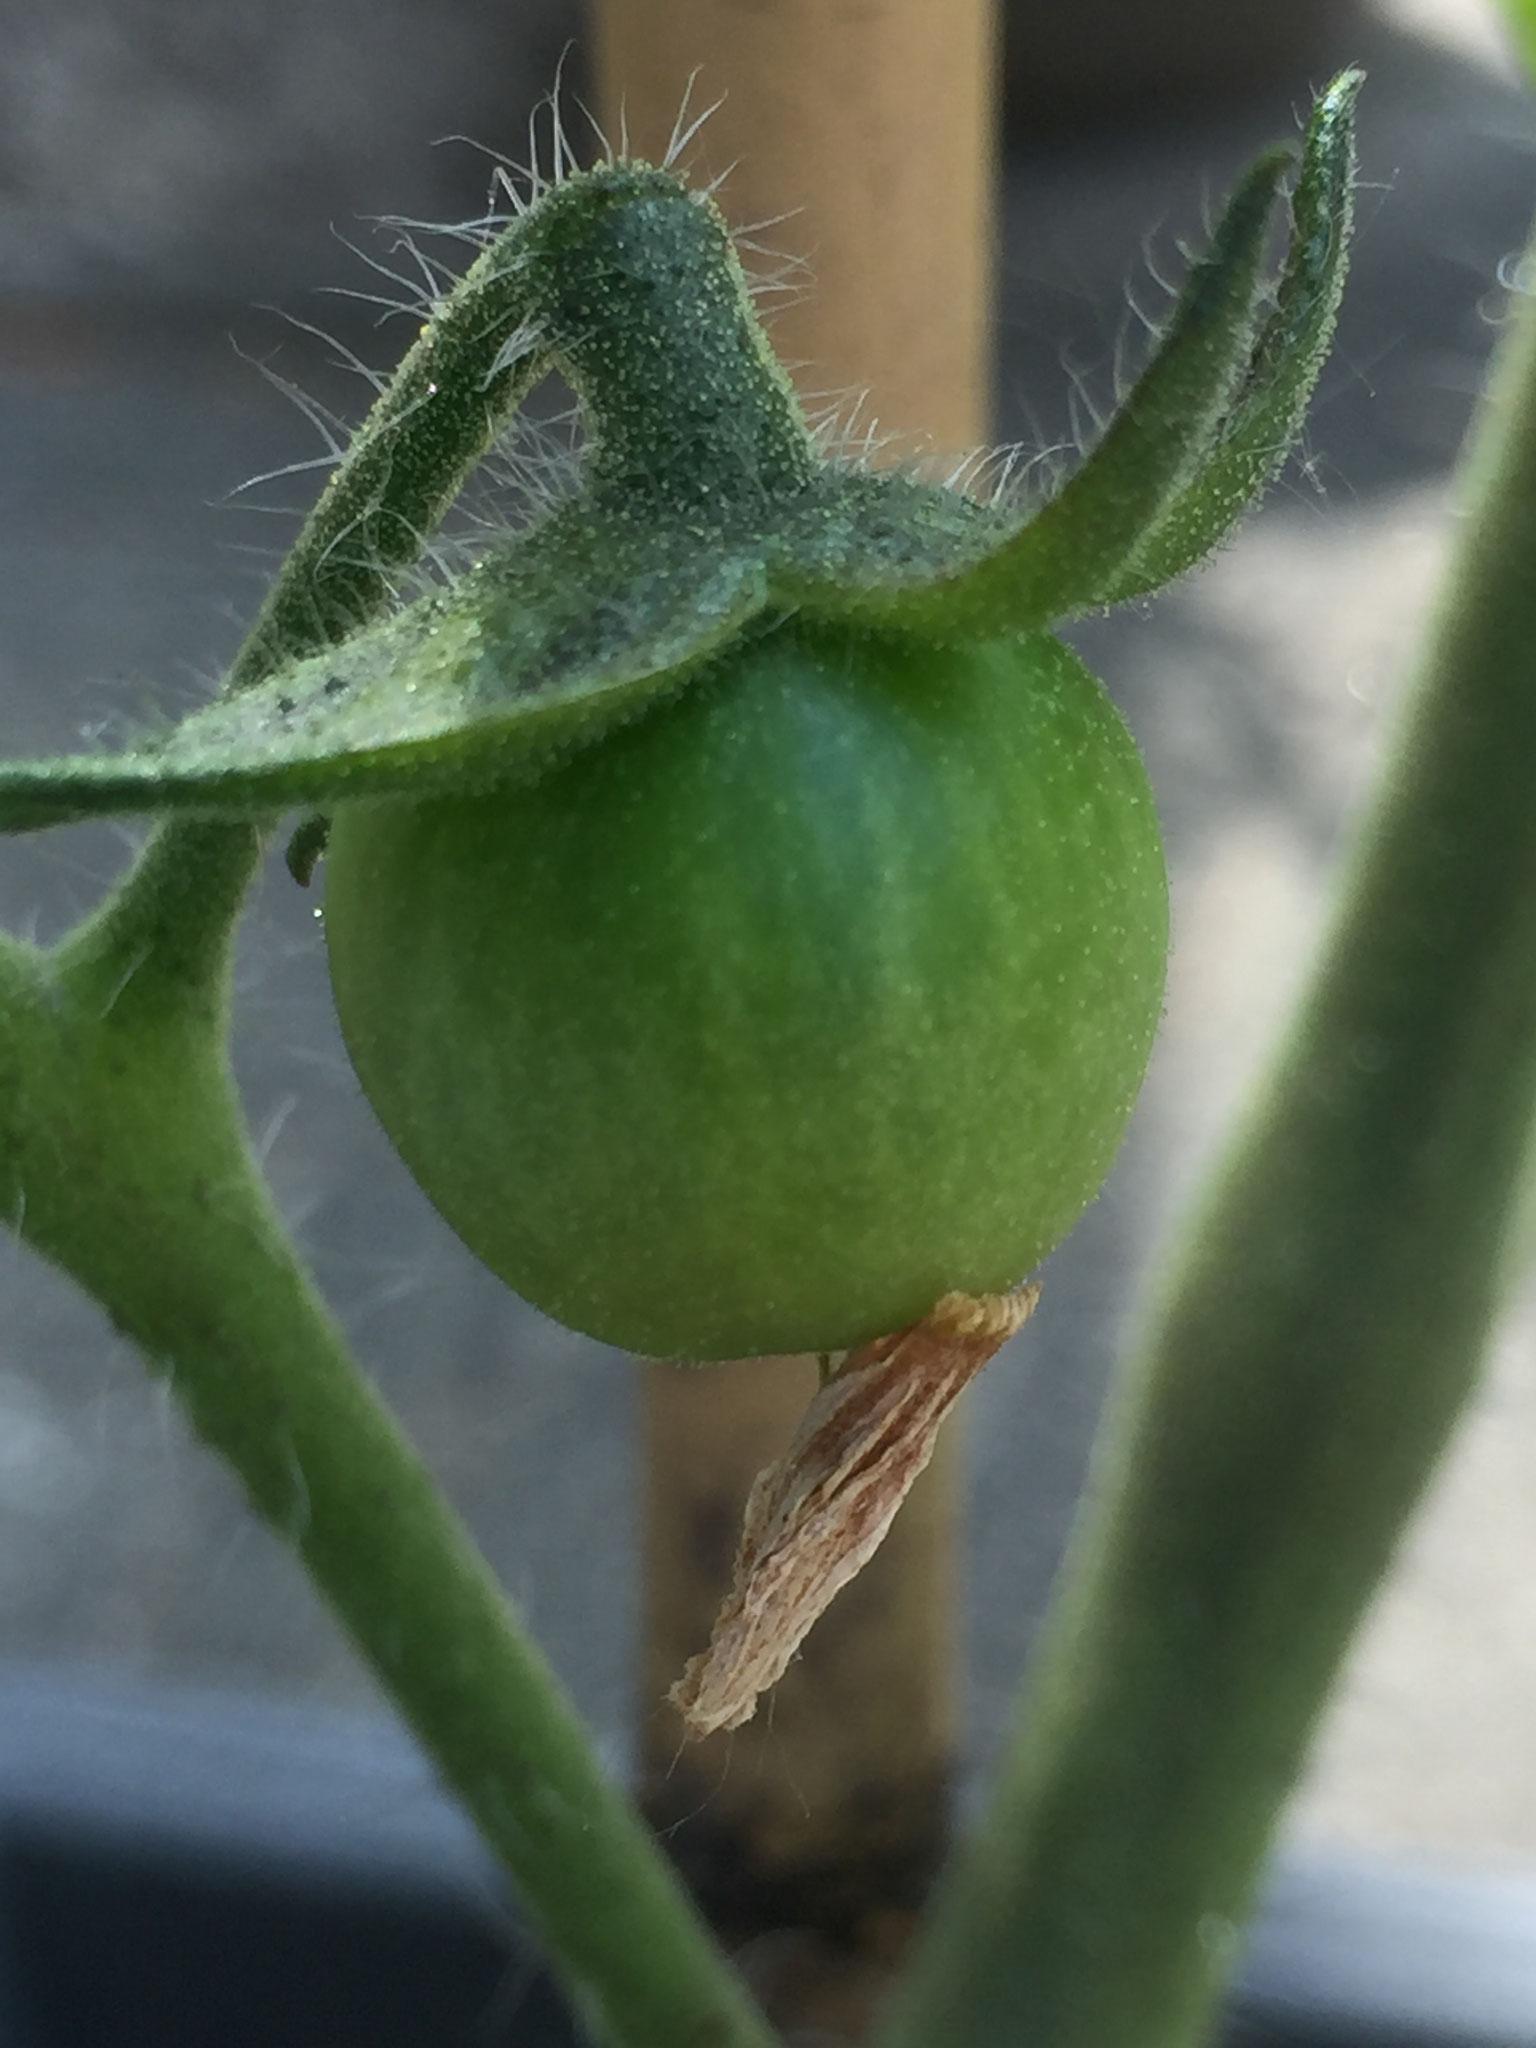 Gerade noch geblüht, jetzt schon eine richtige Tomate